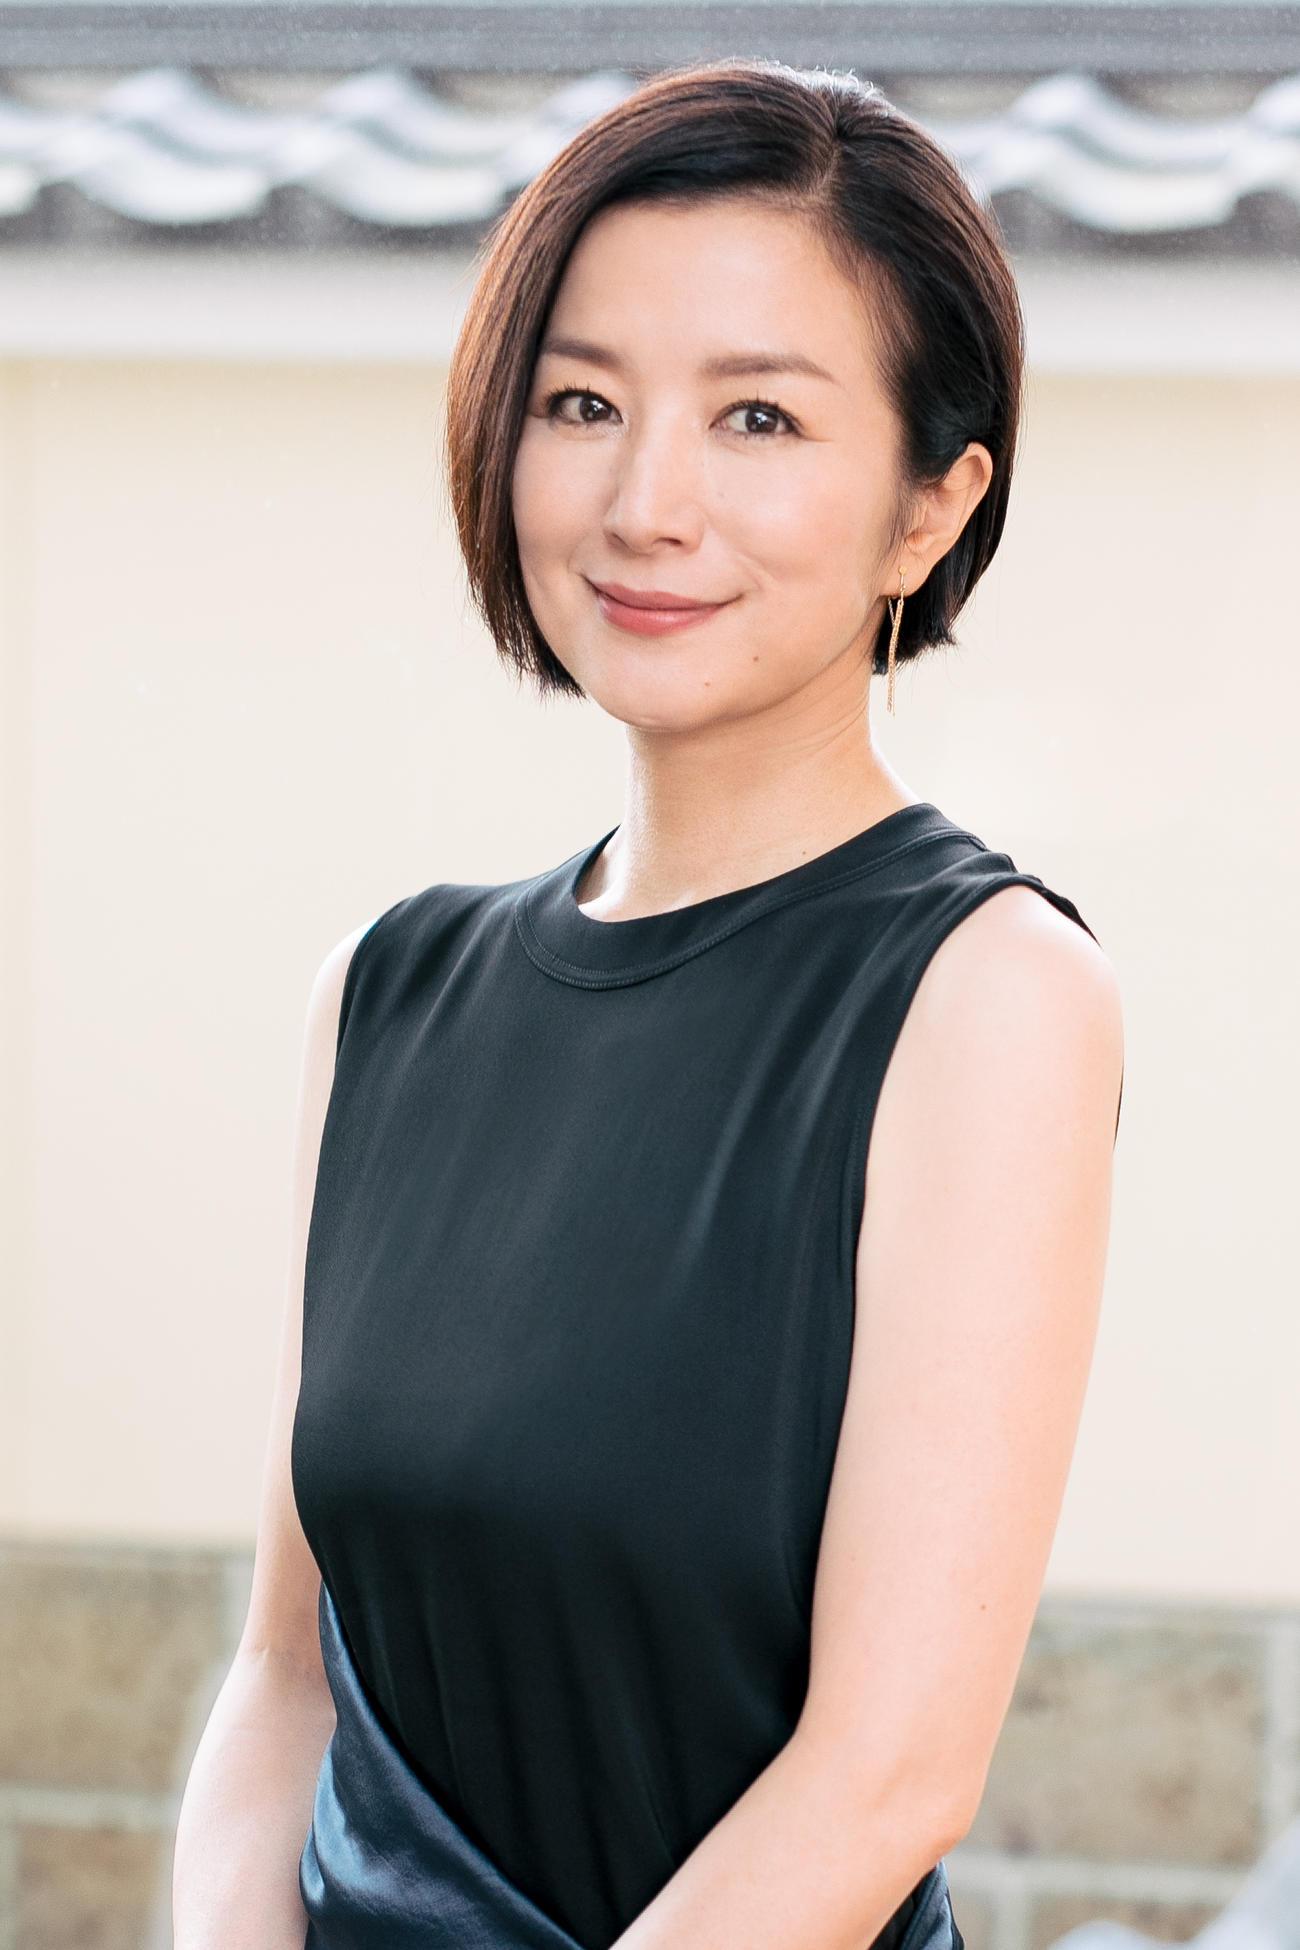 舞台「ホーム、アイムダーリン~愛しのマイホーム~」に主演する鈴木京香